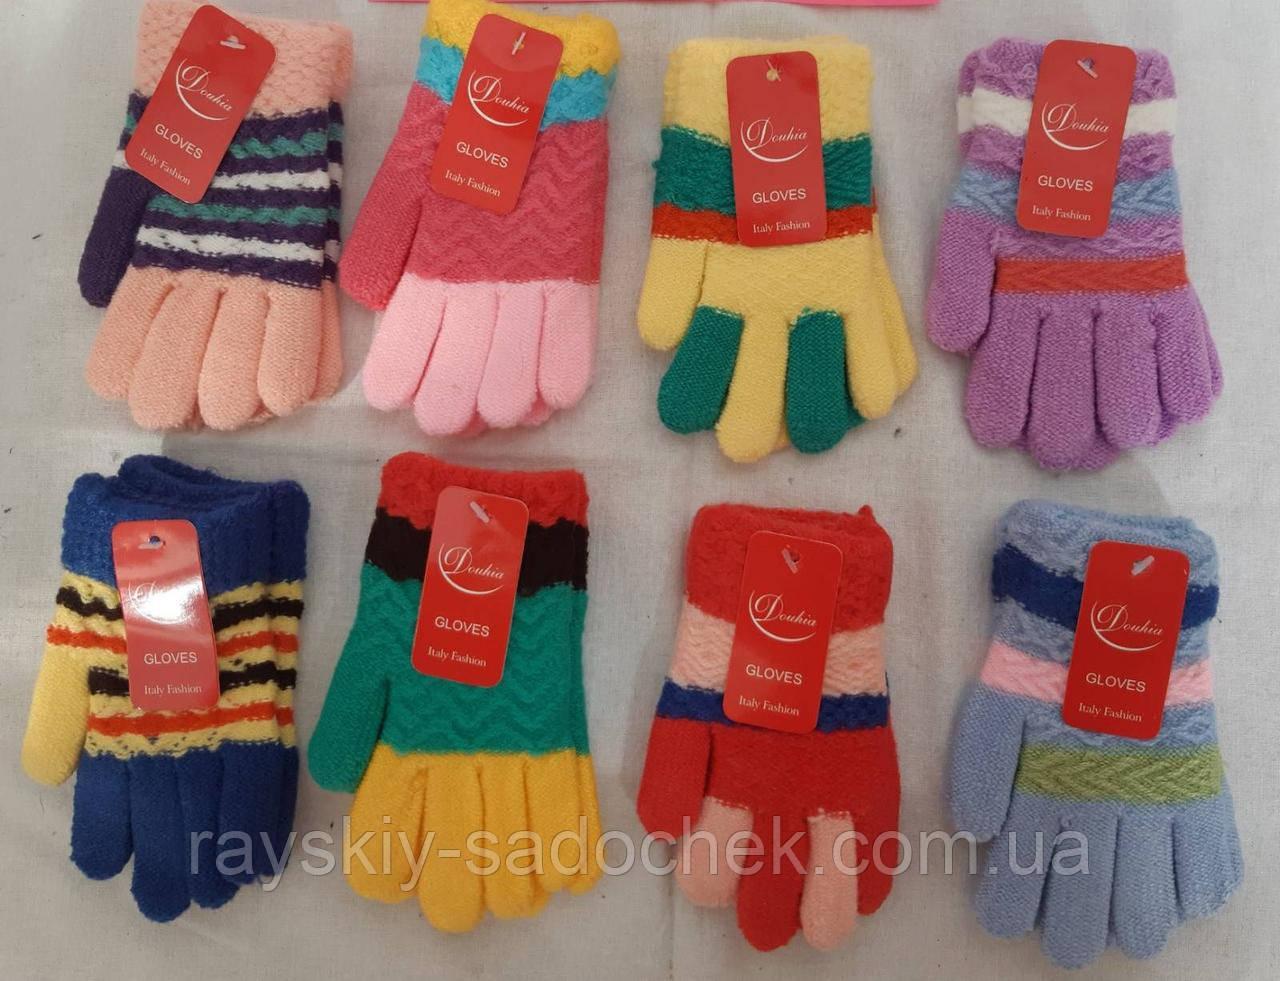 Одинарна дитяча рукавичка Gloves ( осінь - зима ) від 4 до 6 років.